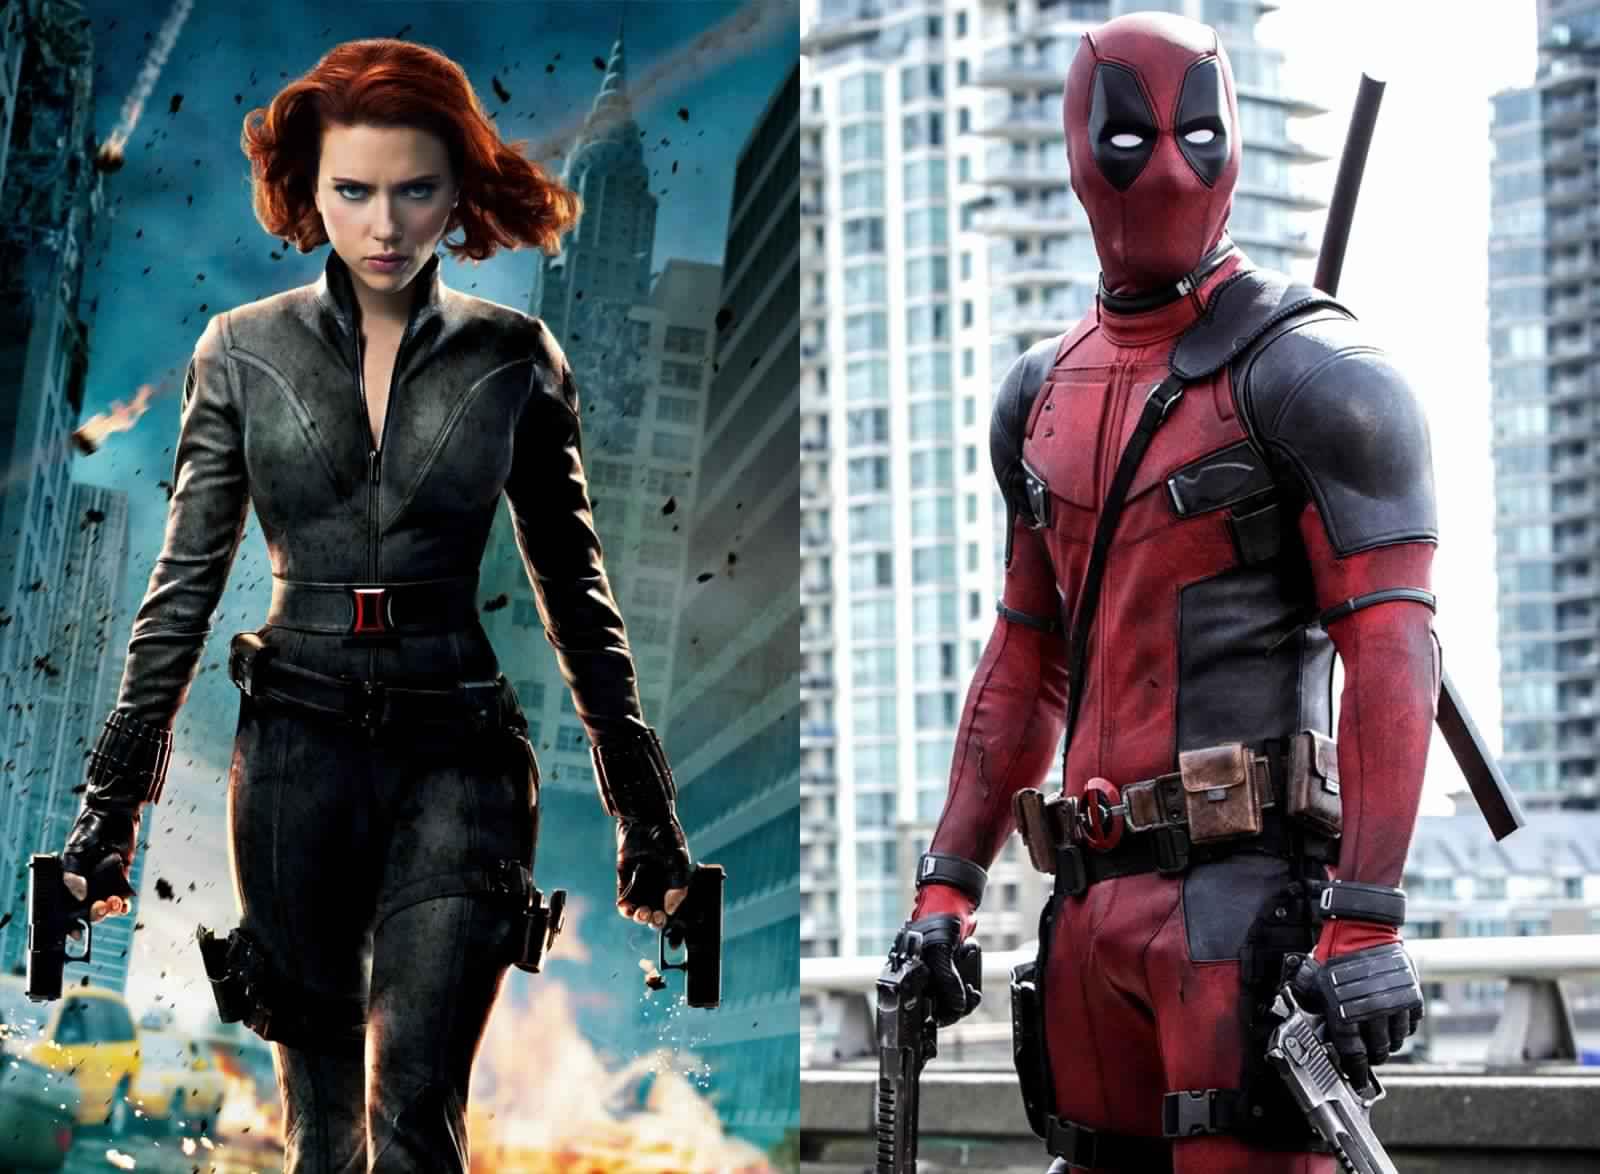 Deadpool might appear in Black Widow